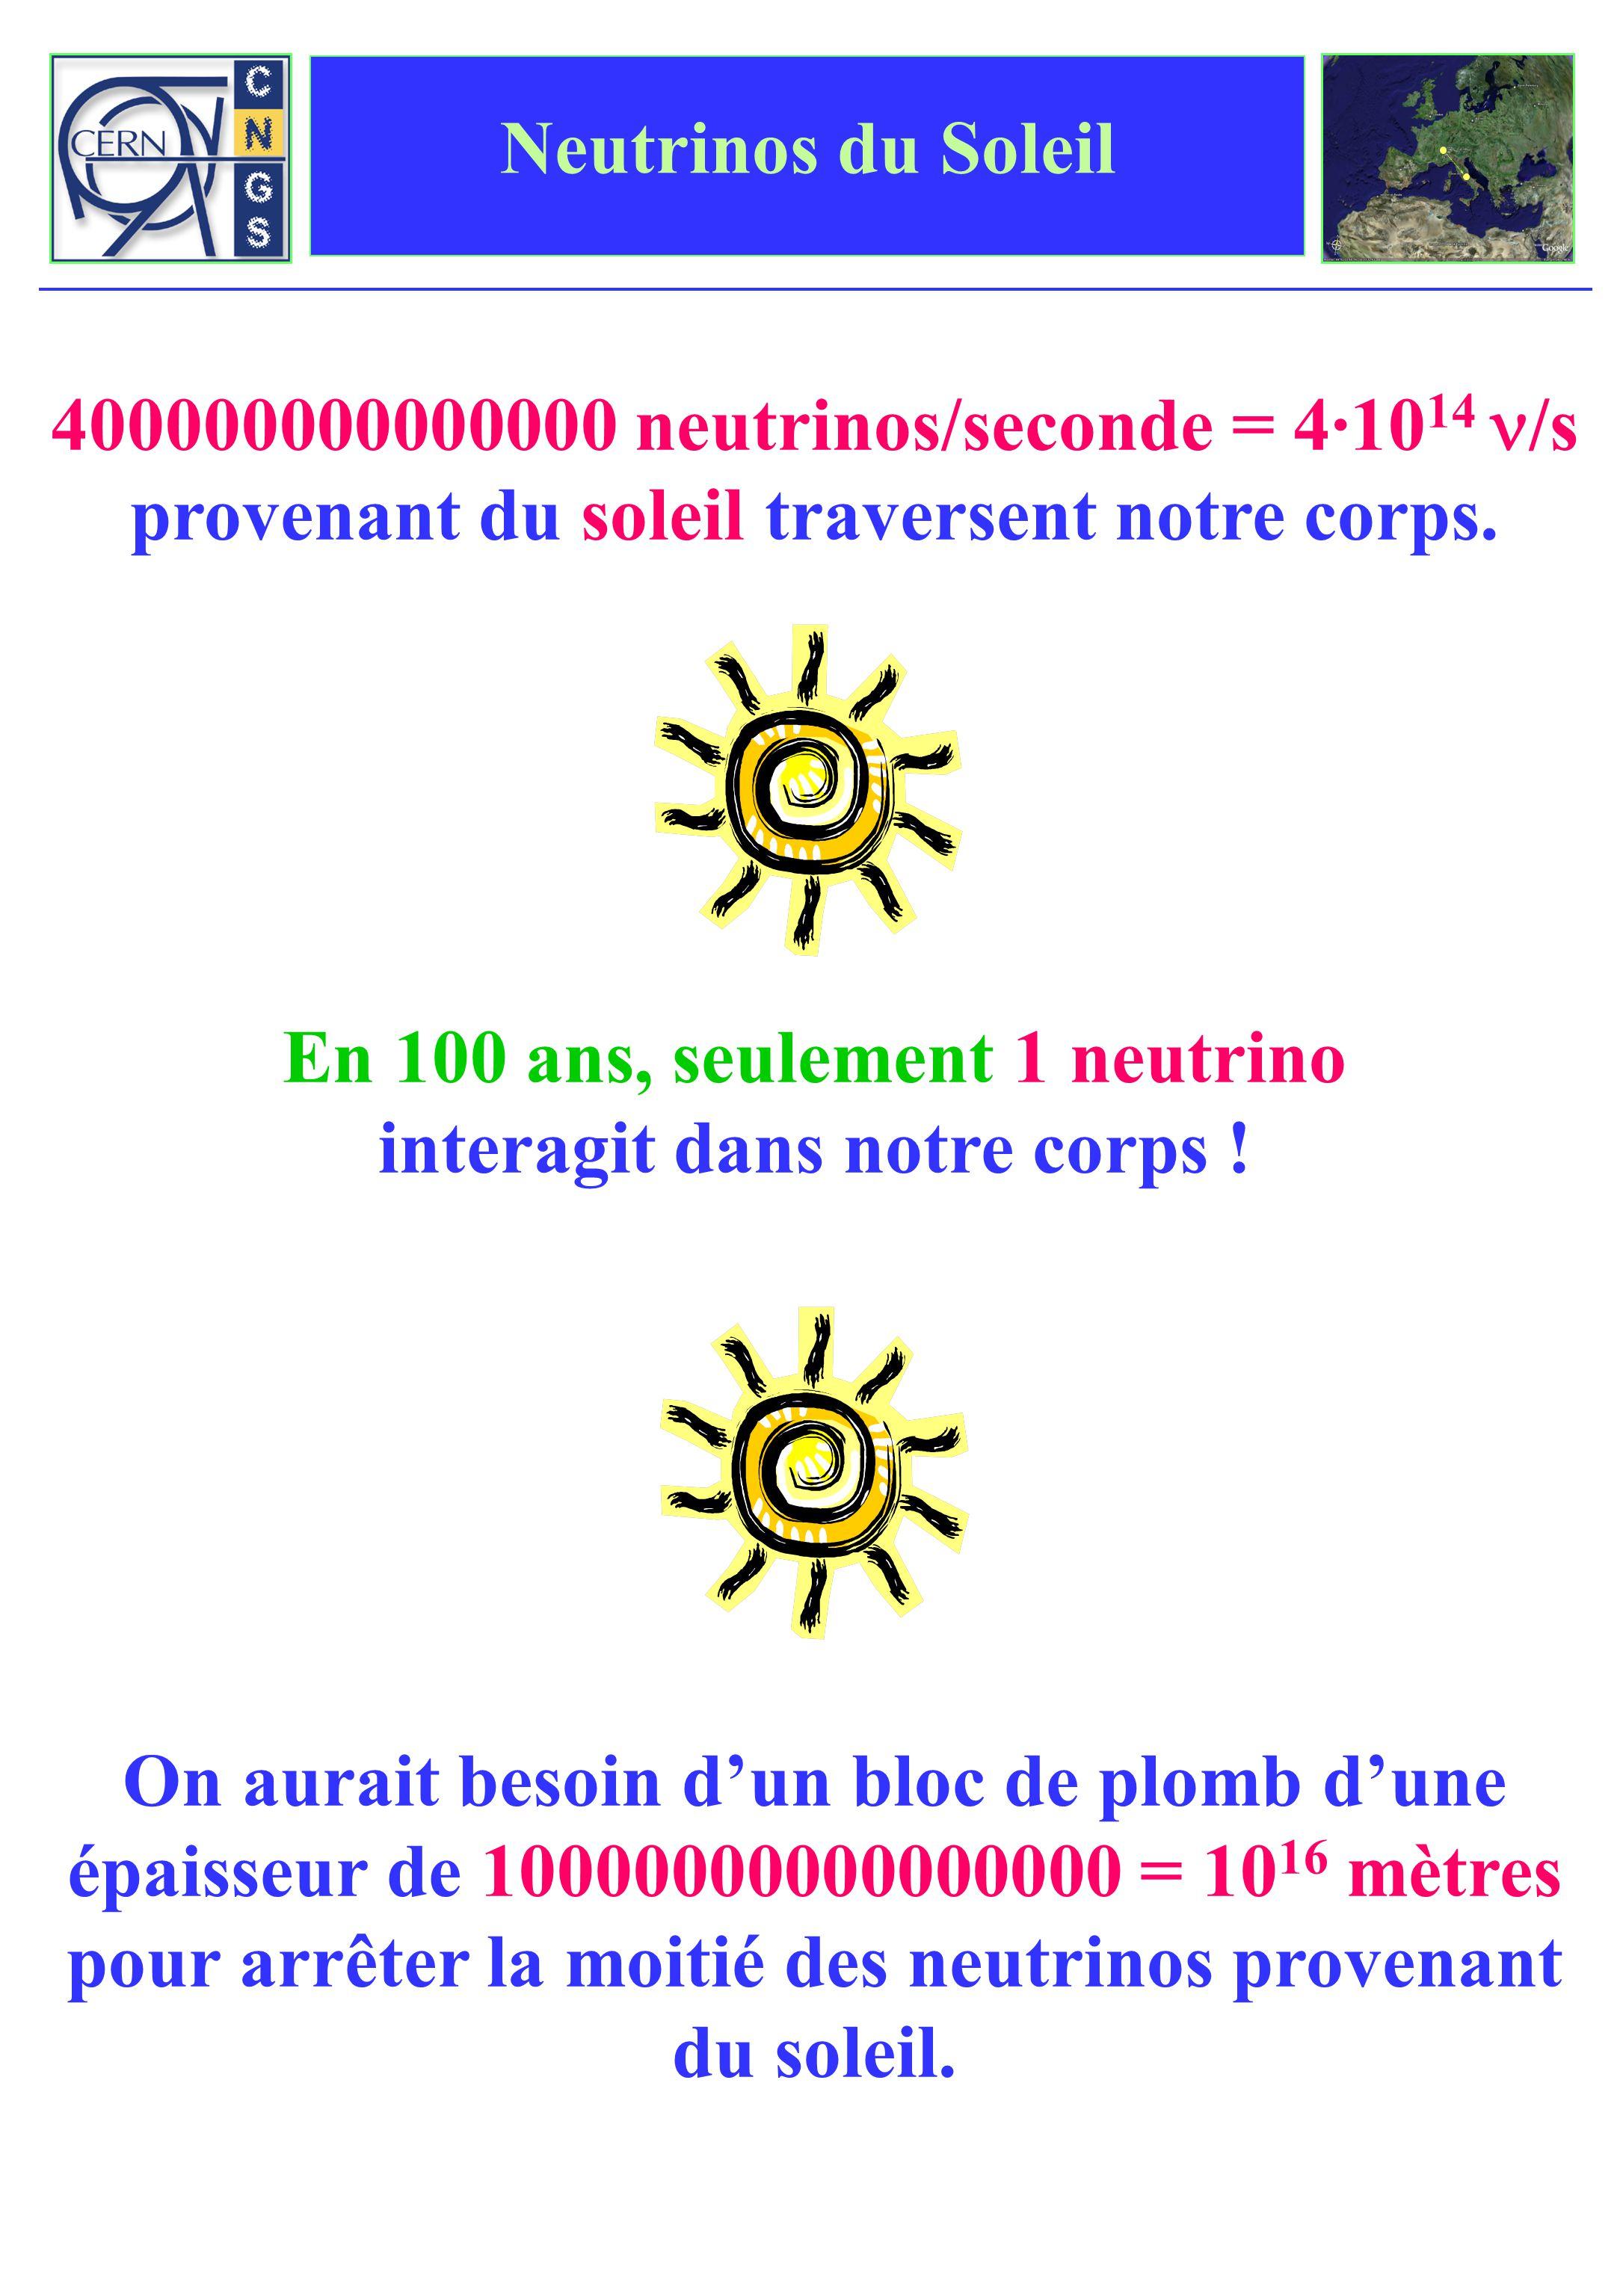 400000000000000 neutrinos/seconde = 4·10 14 /s provenant du soleil traversent notre corps. En 100 ans, seulement 1 neutrino interagit dans notre corps